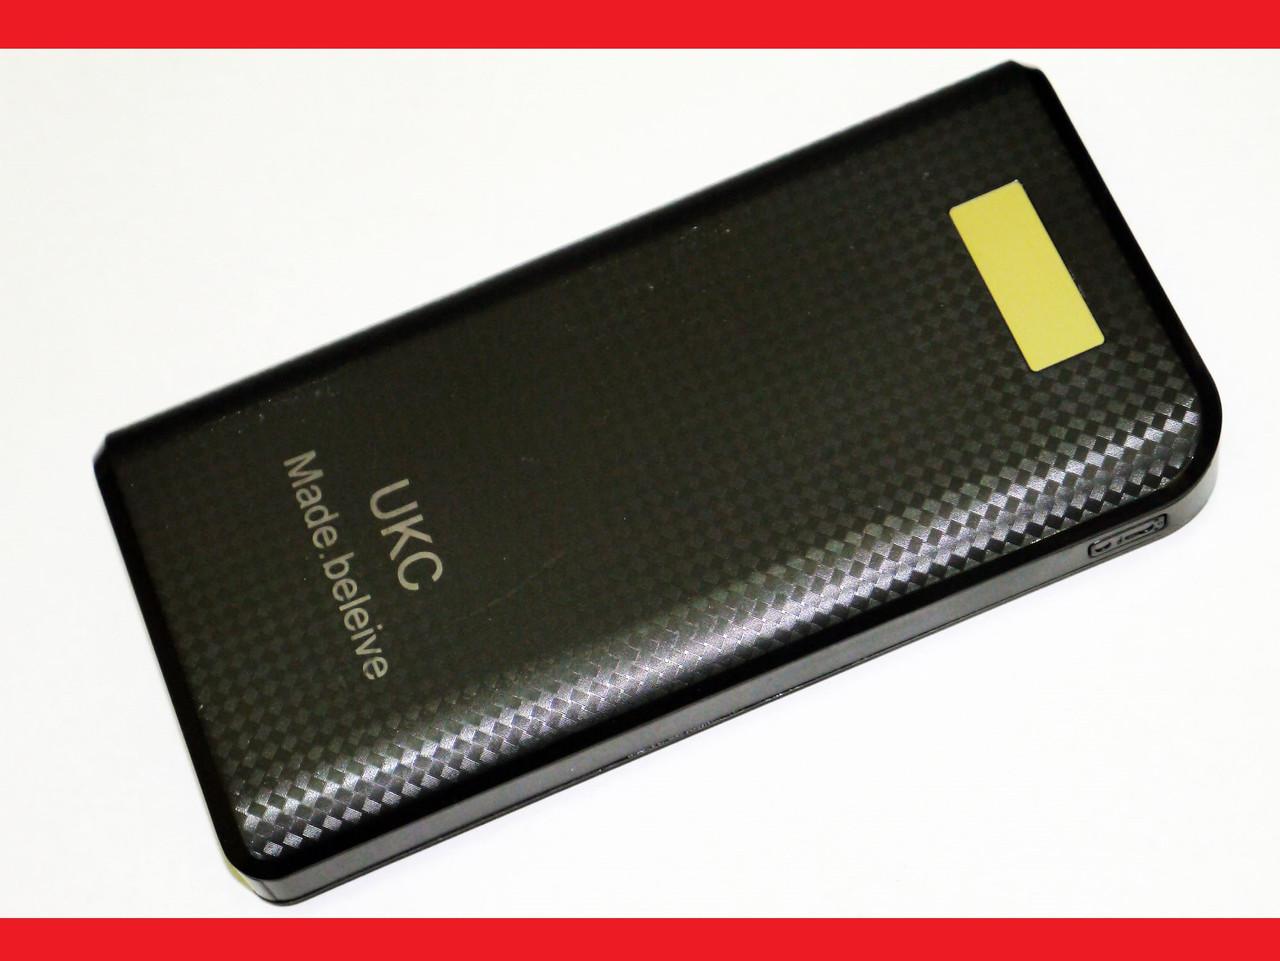 Power Bank Зарядное UKC 30800 mAh Внешний аккумулятор Черный